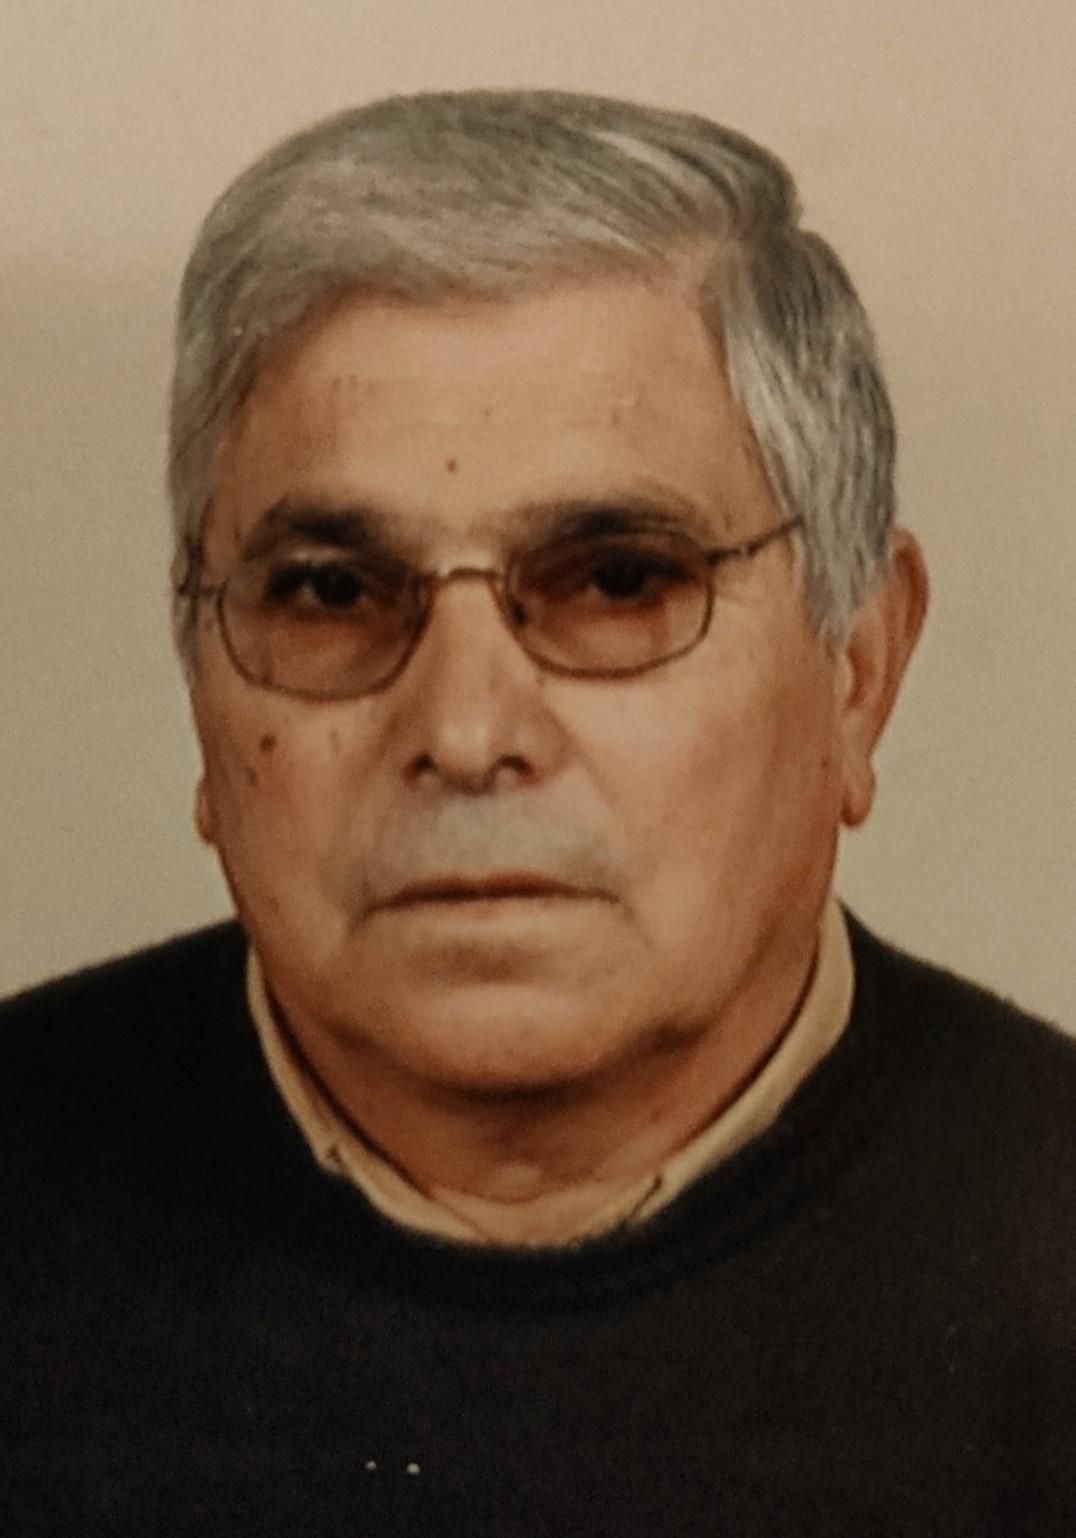 <br>João Paulo Quitério